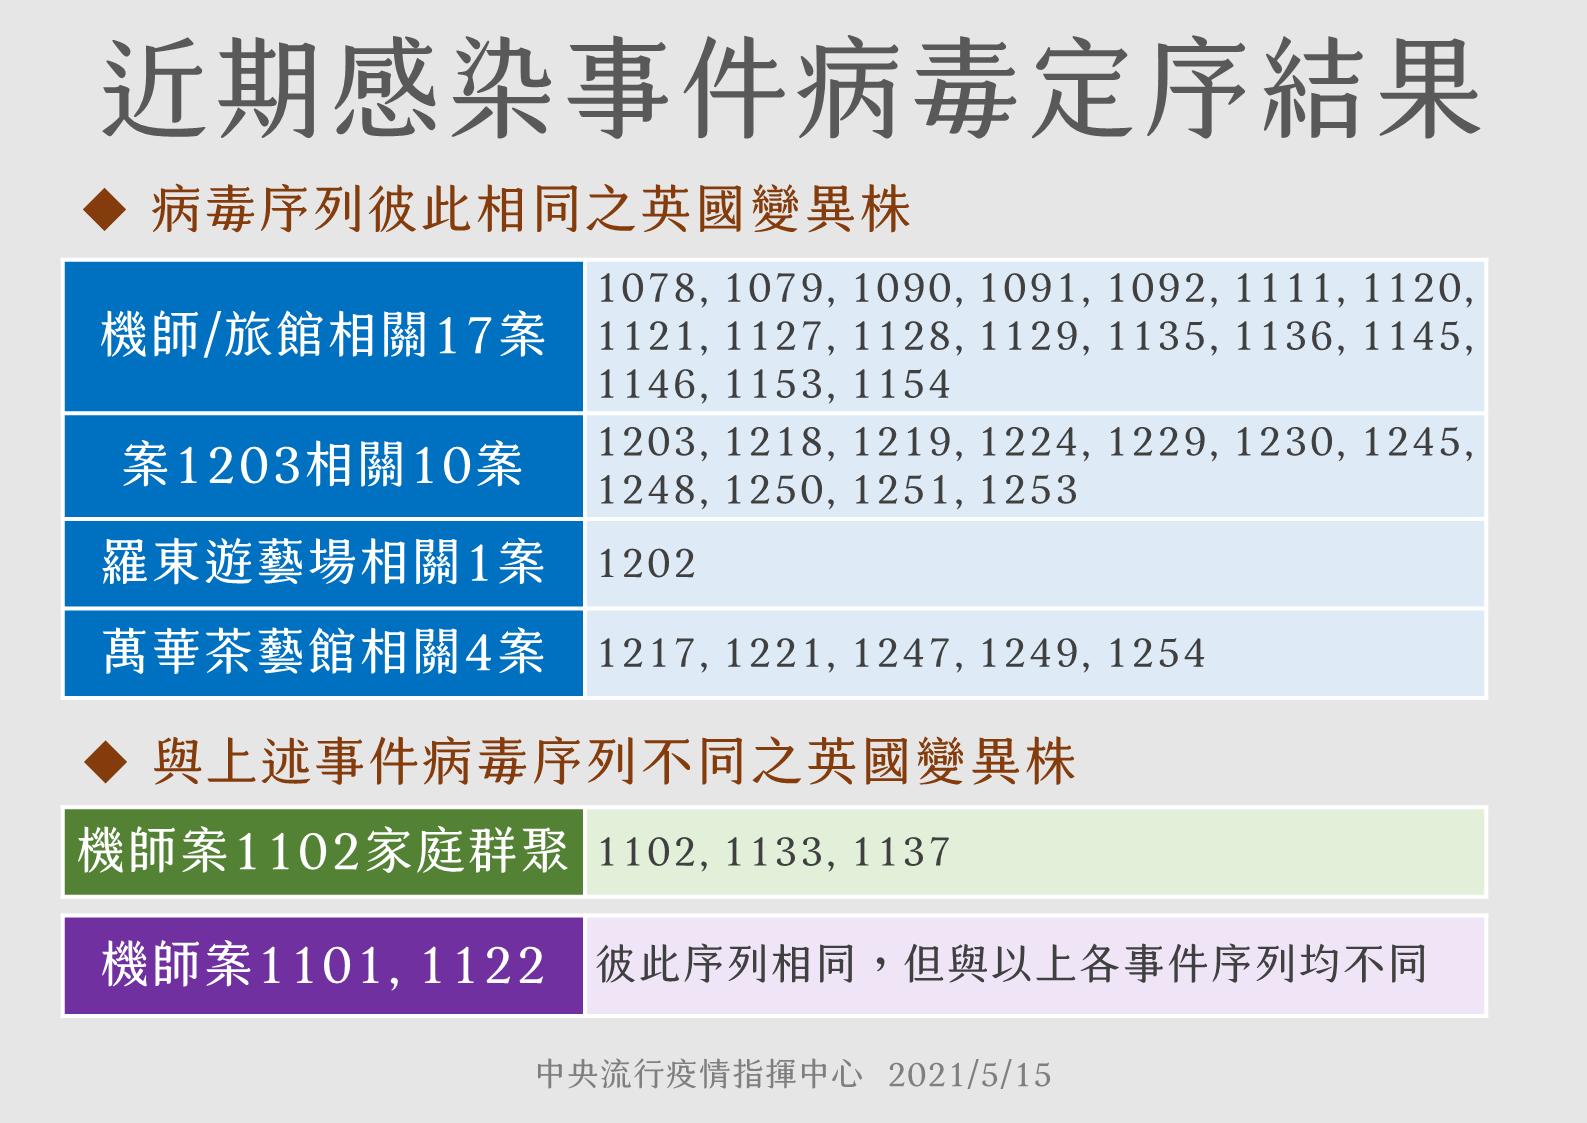 病毒定序結果。(圖/中央疫情指揮中心提供) 萬華、羅東、蘆洲基因定序出爐 與諾富特英國變異株相同